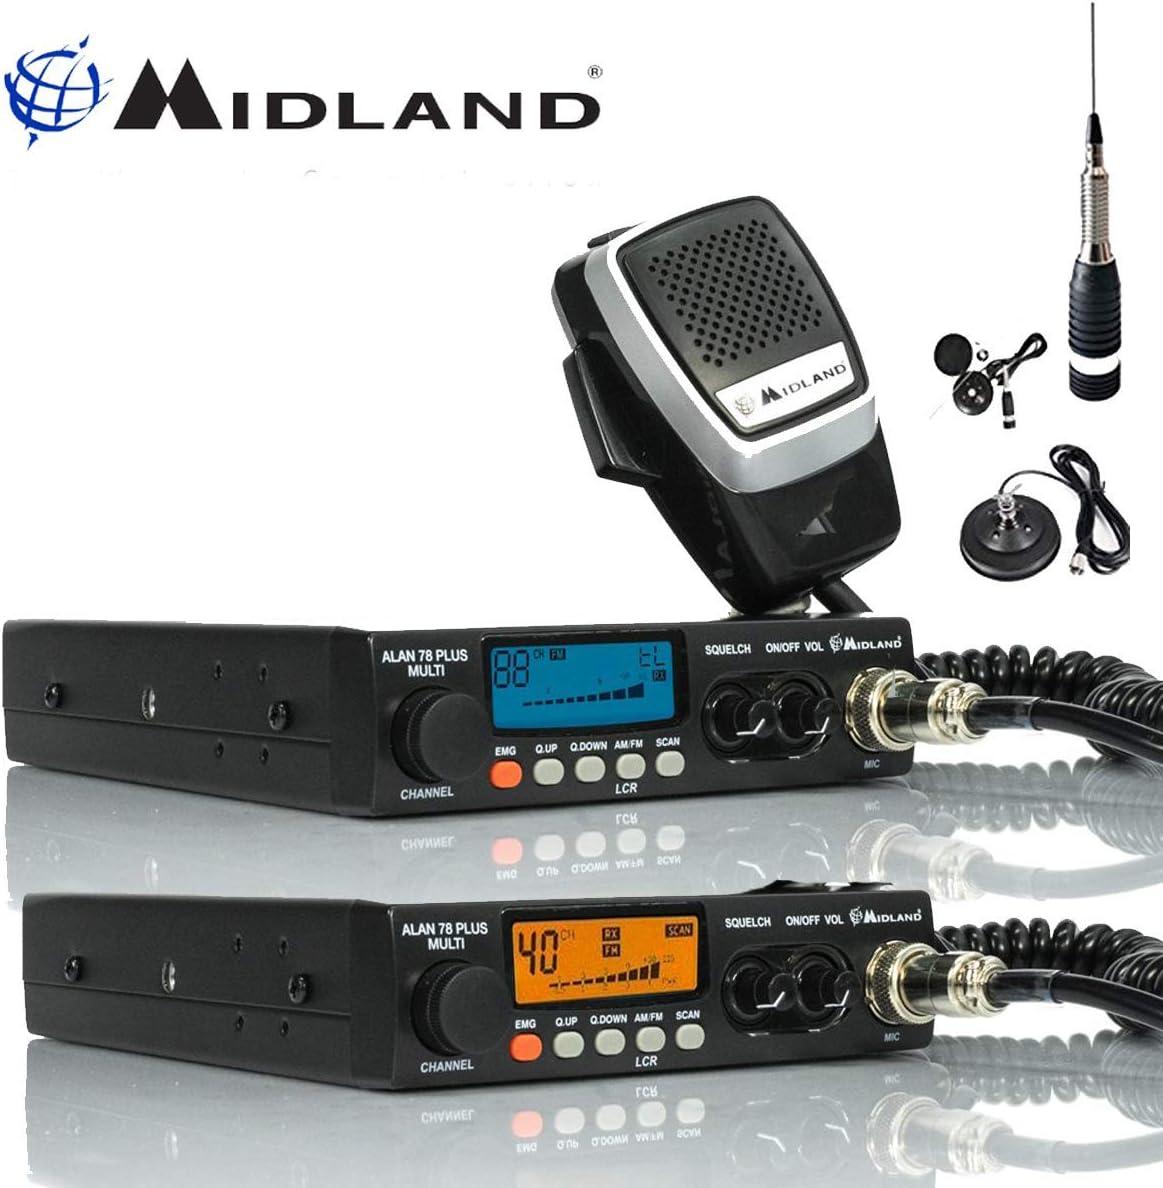 Midland 78 Plus 80 Canal Am FM Multi Bandas CB Transceptor ...